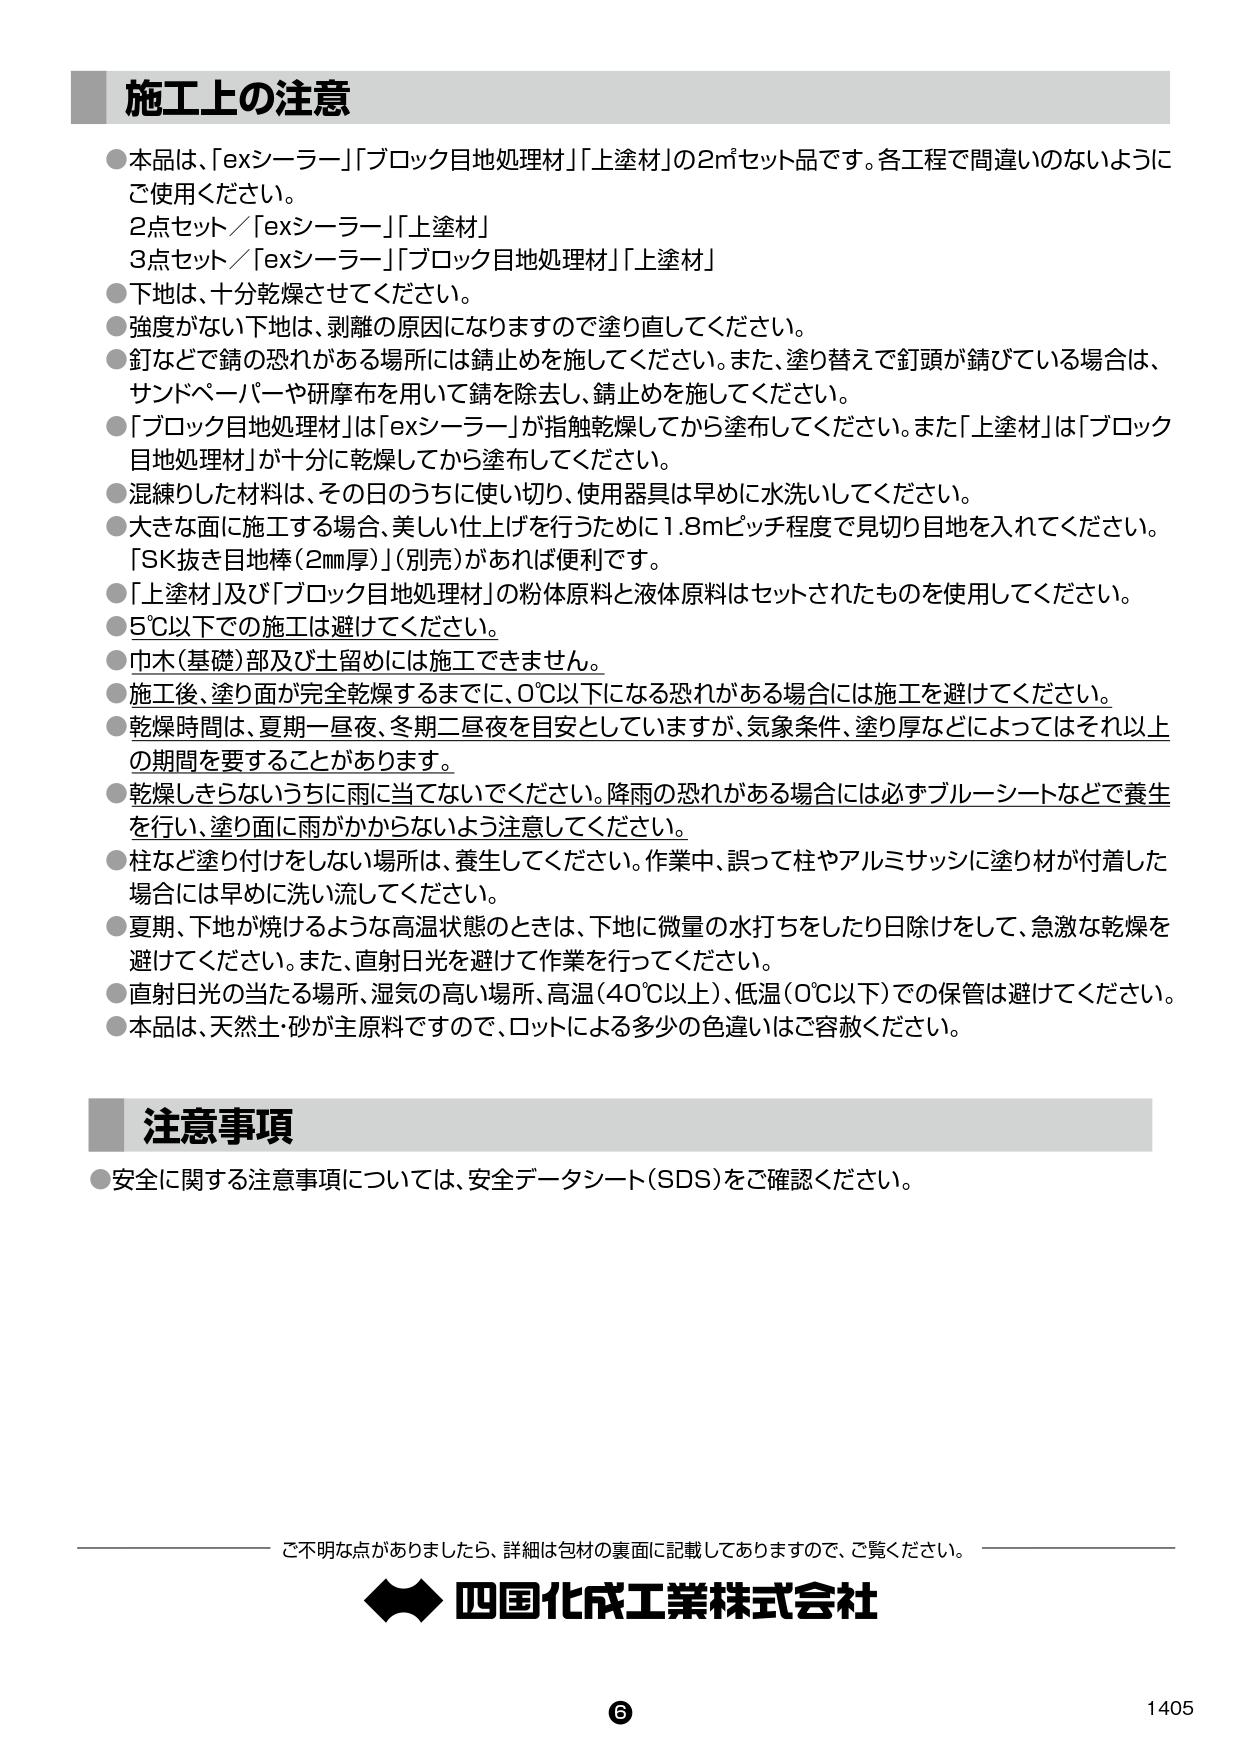 美ブロHG 施工要領書_page-0006